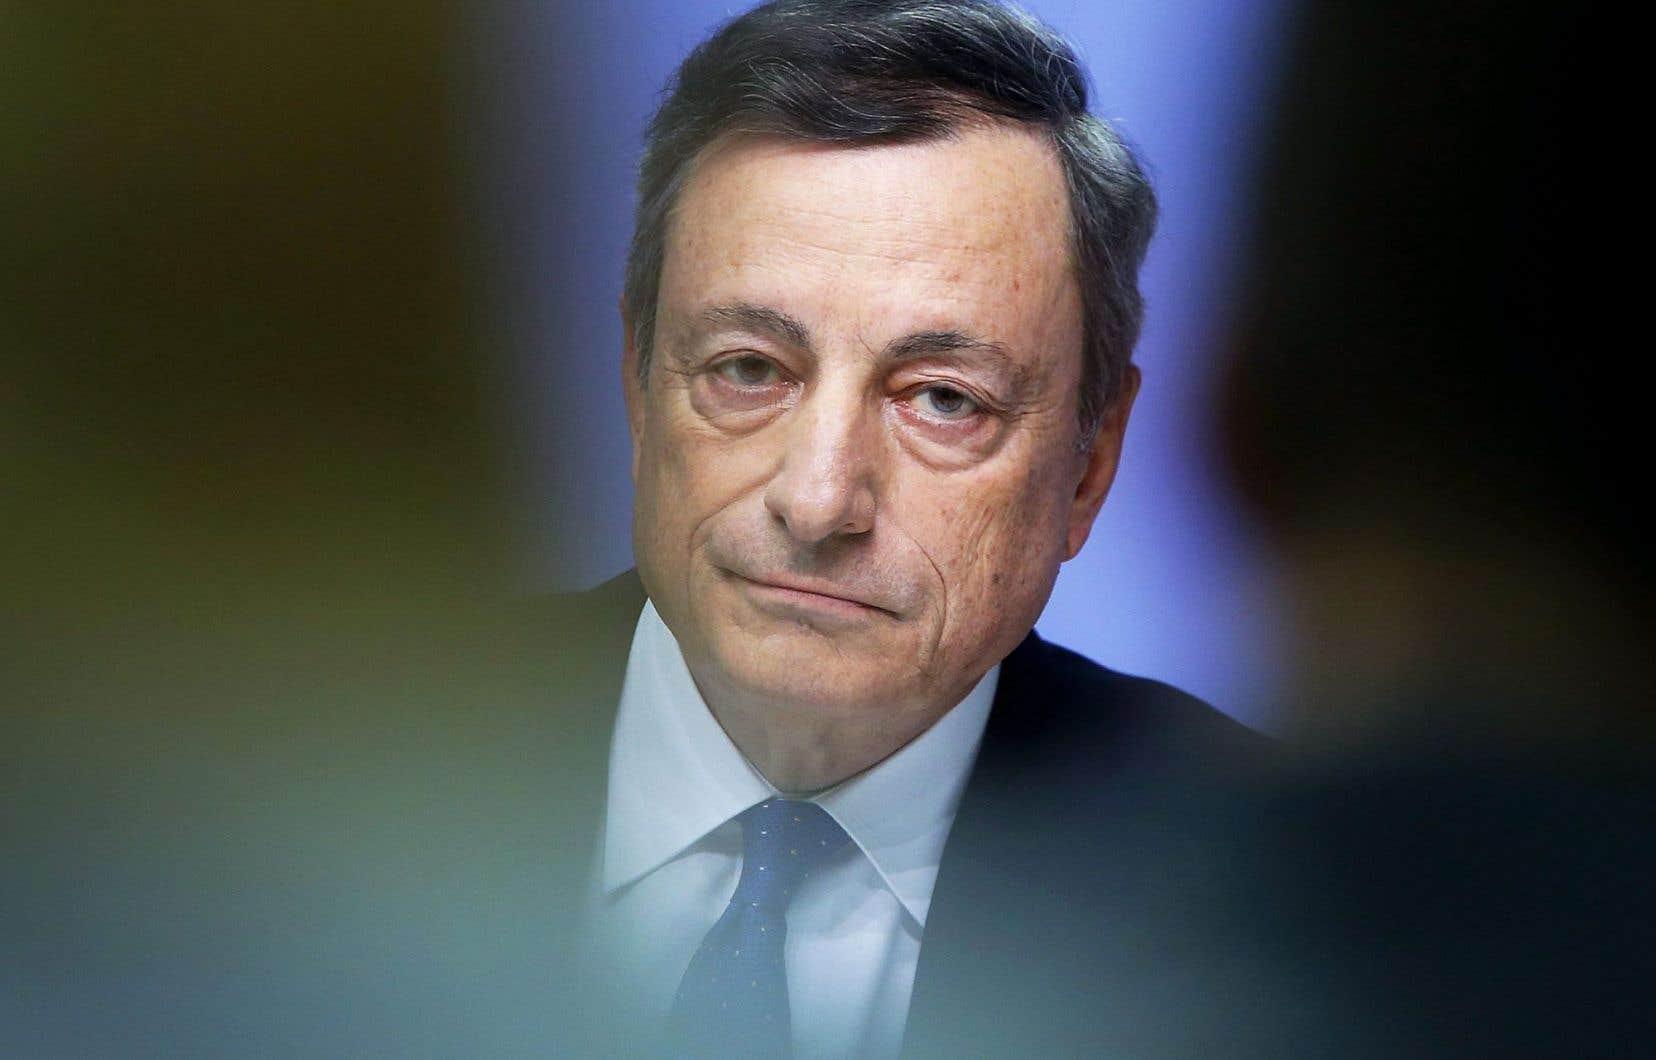 «L'inflation n'est pas au niveau où nous voulons qu'elle soit, ou là où elle devrait être», a déclaré le président de la BCE, Mario Draghi.